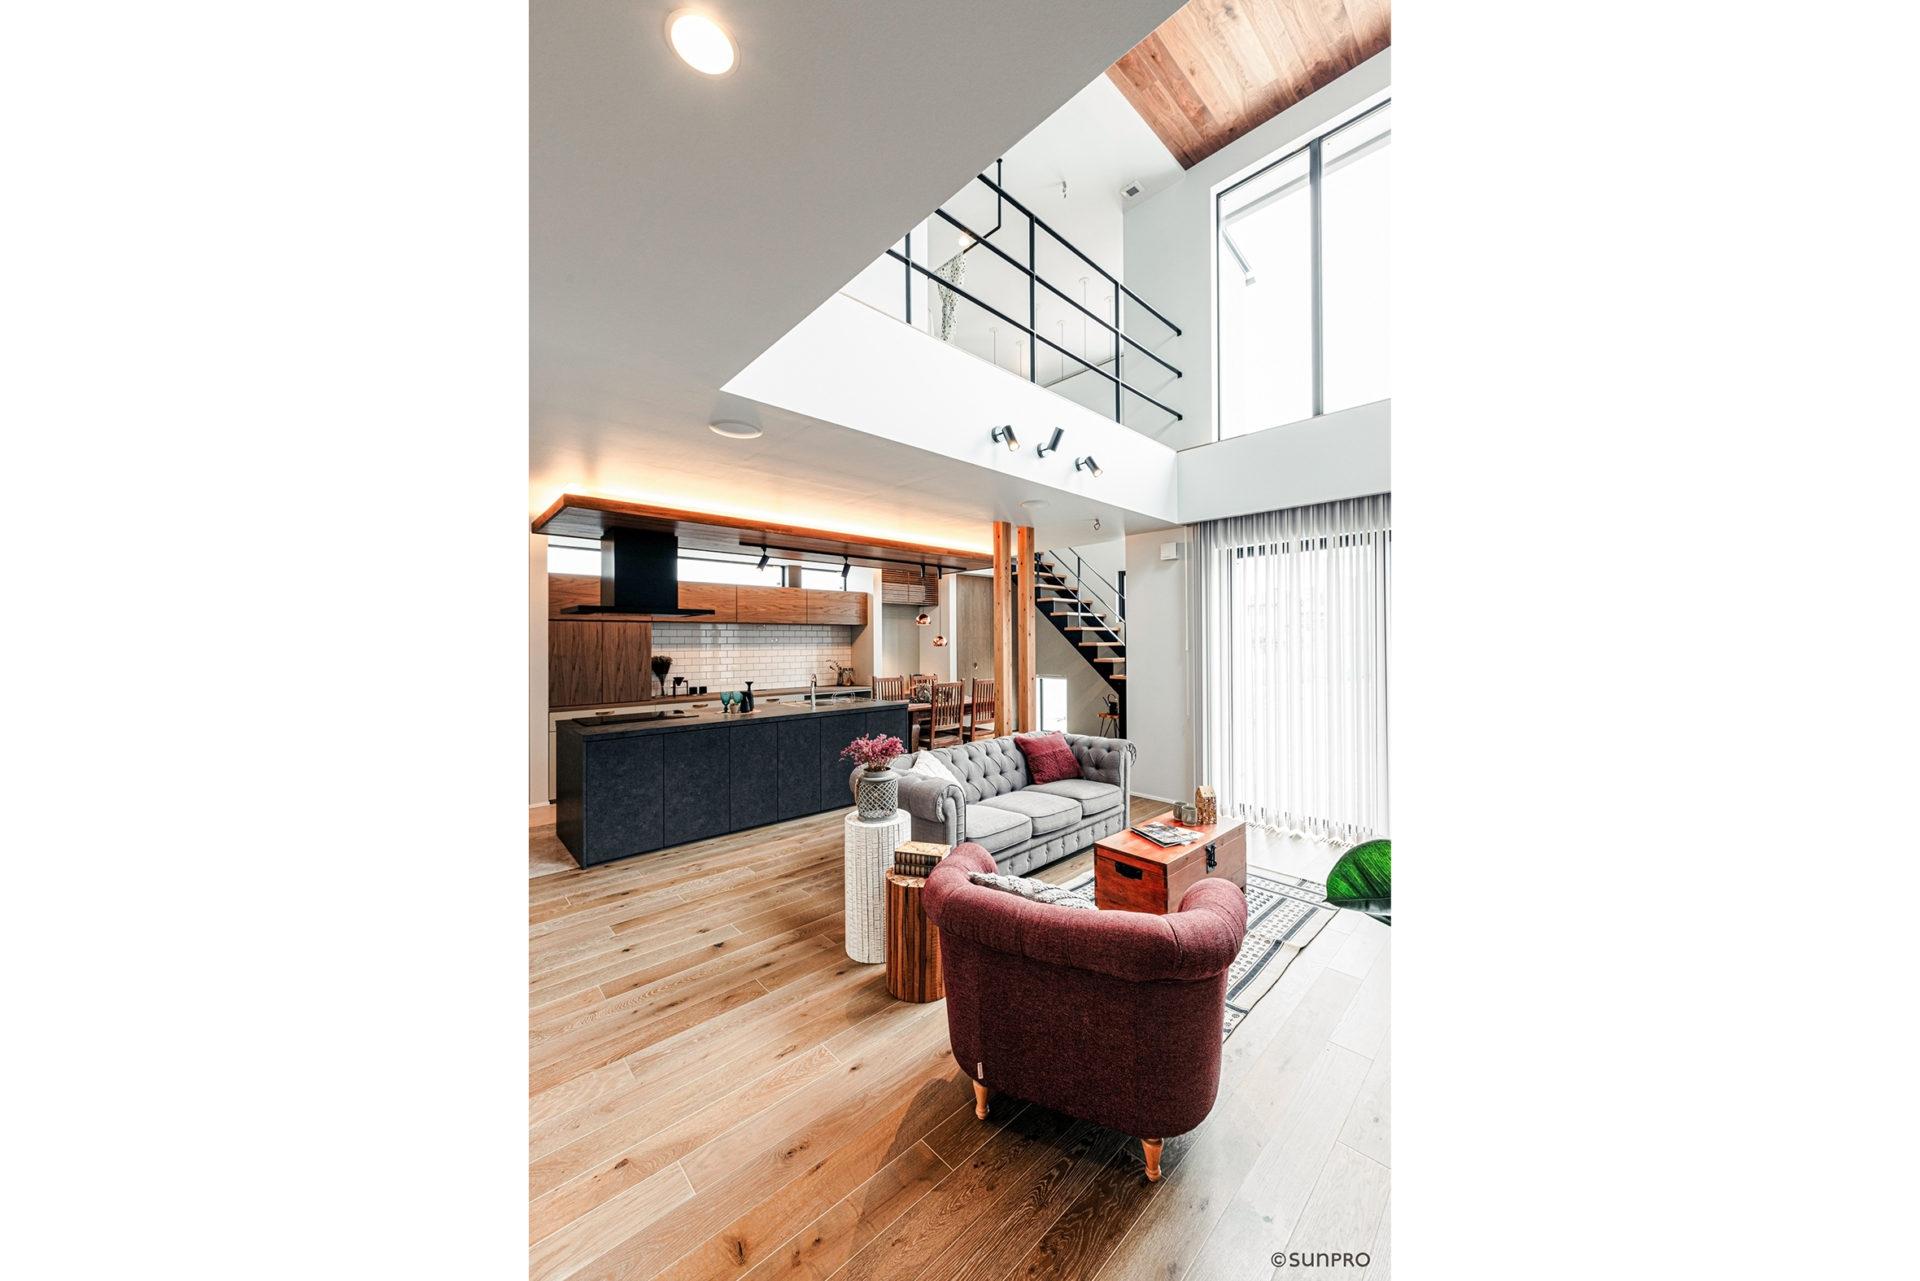 「好き」を極めた大空間リビングの家